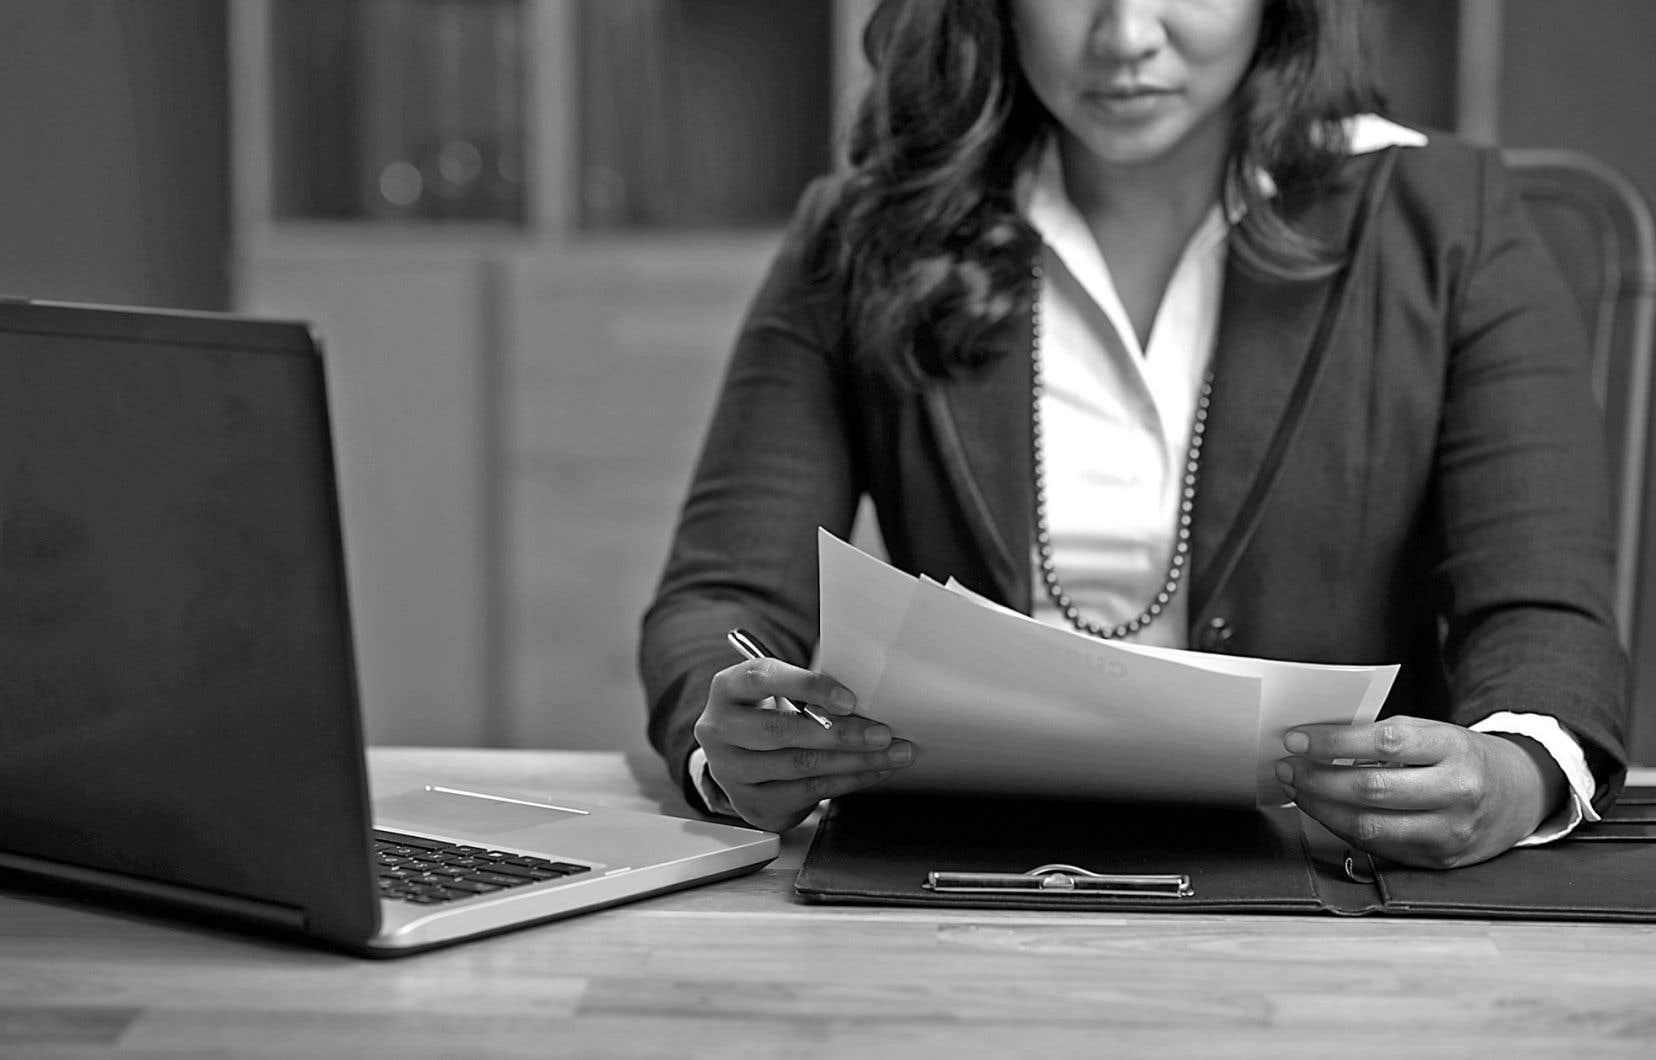 «Quand on regarde seulement du côté des avocates, on constate beaucoup d'enjeux de conciliation travail-famille, une faible présence chez les associés et une rémunération qui représente la moitié de celle des hommes», précise Sophie Brière.